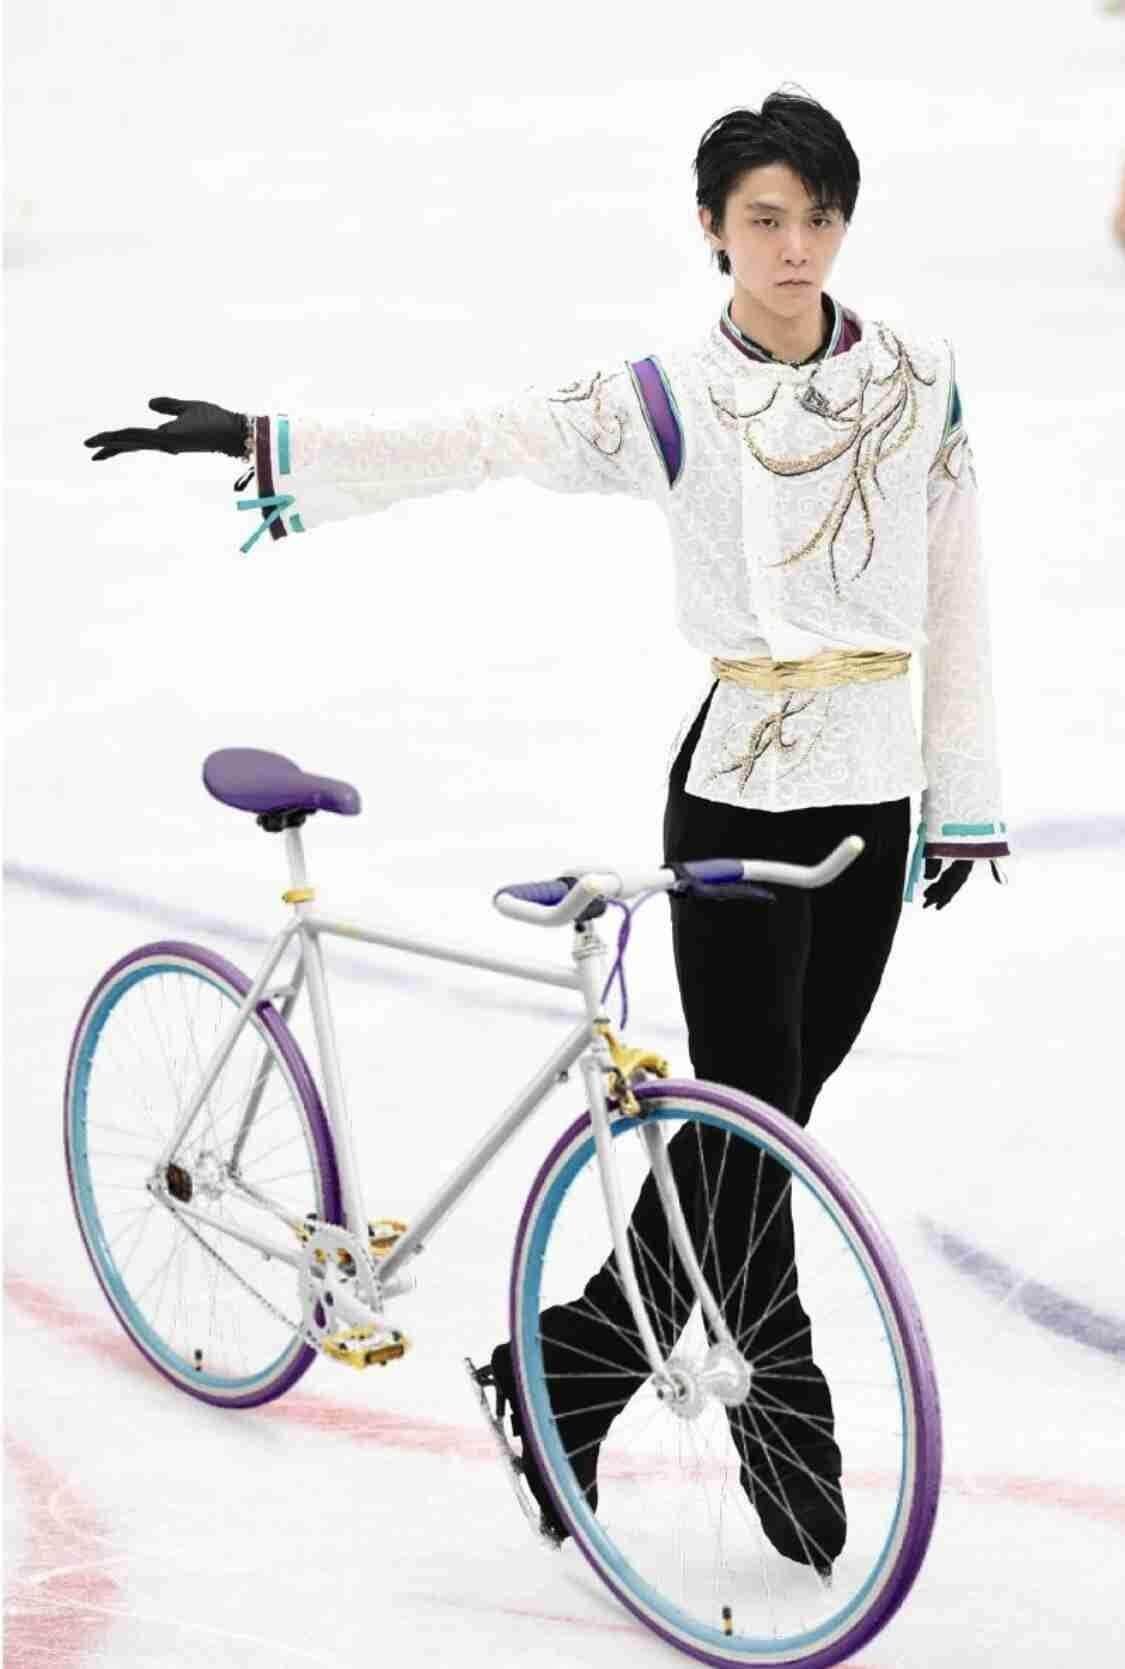 落ち着きたい時は、自転車練習する羽生を想像すると、落ち着くぞ!w